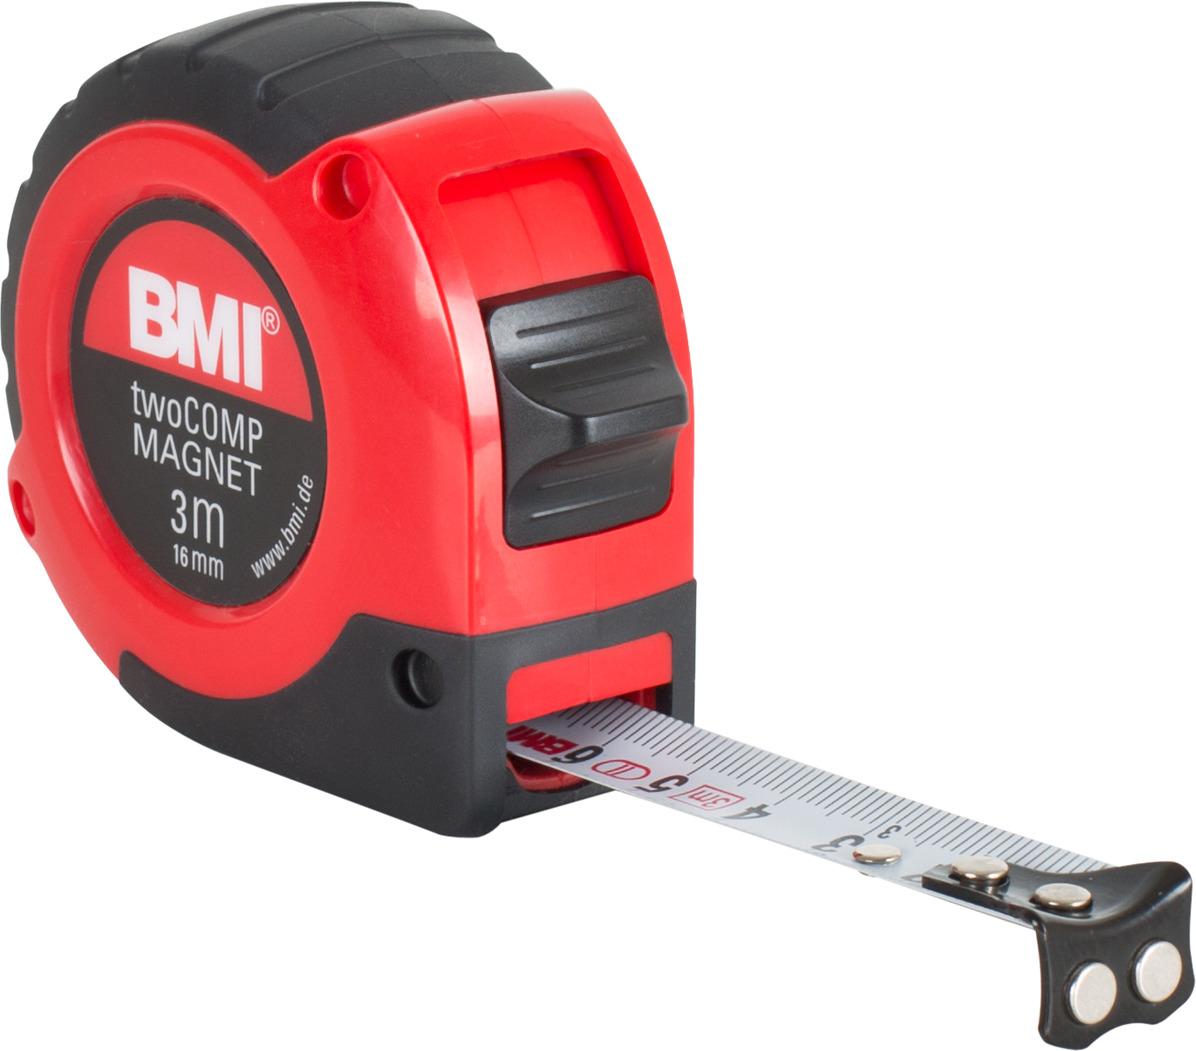 Измерительная рулетка BMI Twocomp Magnetic, 472341021M, 3 м